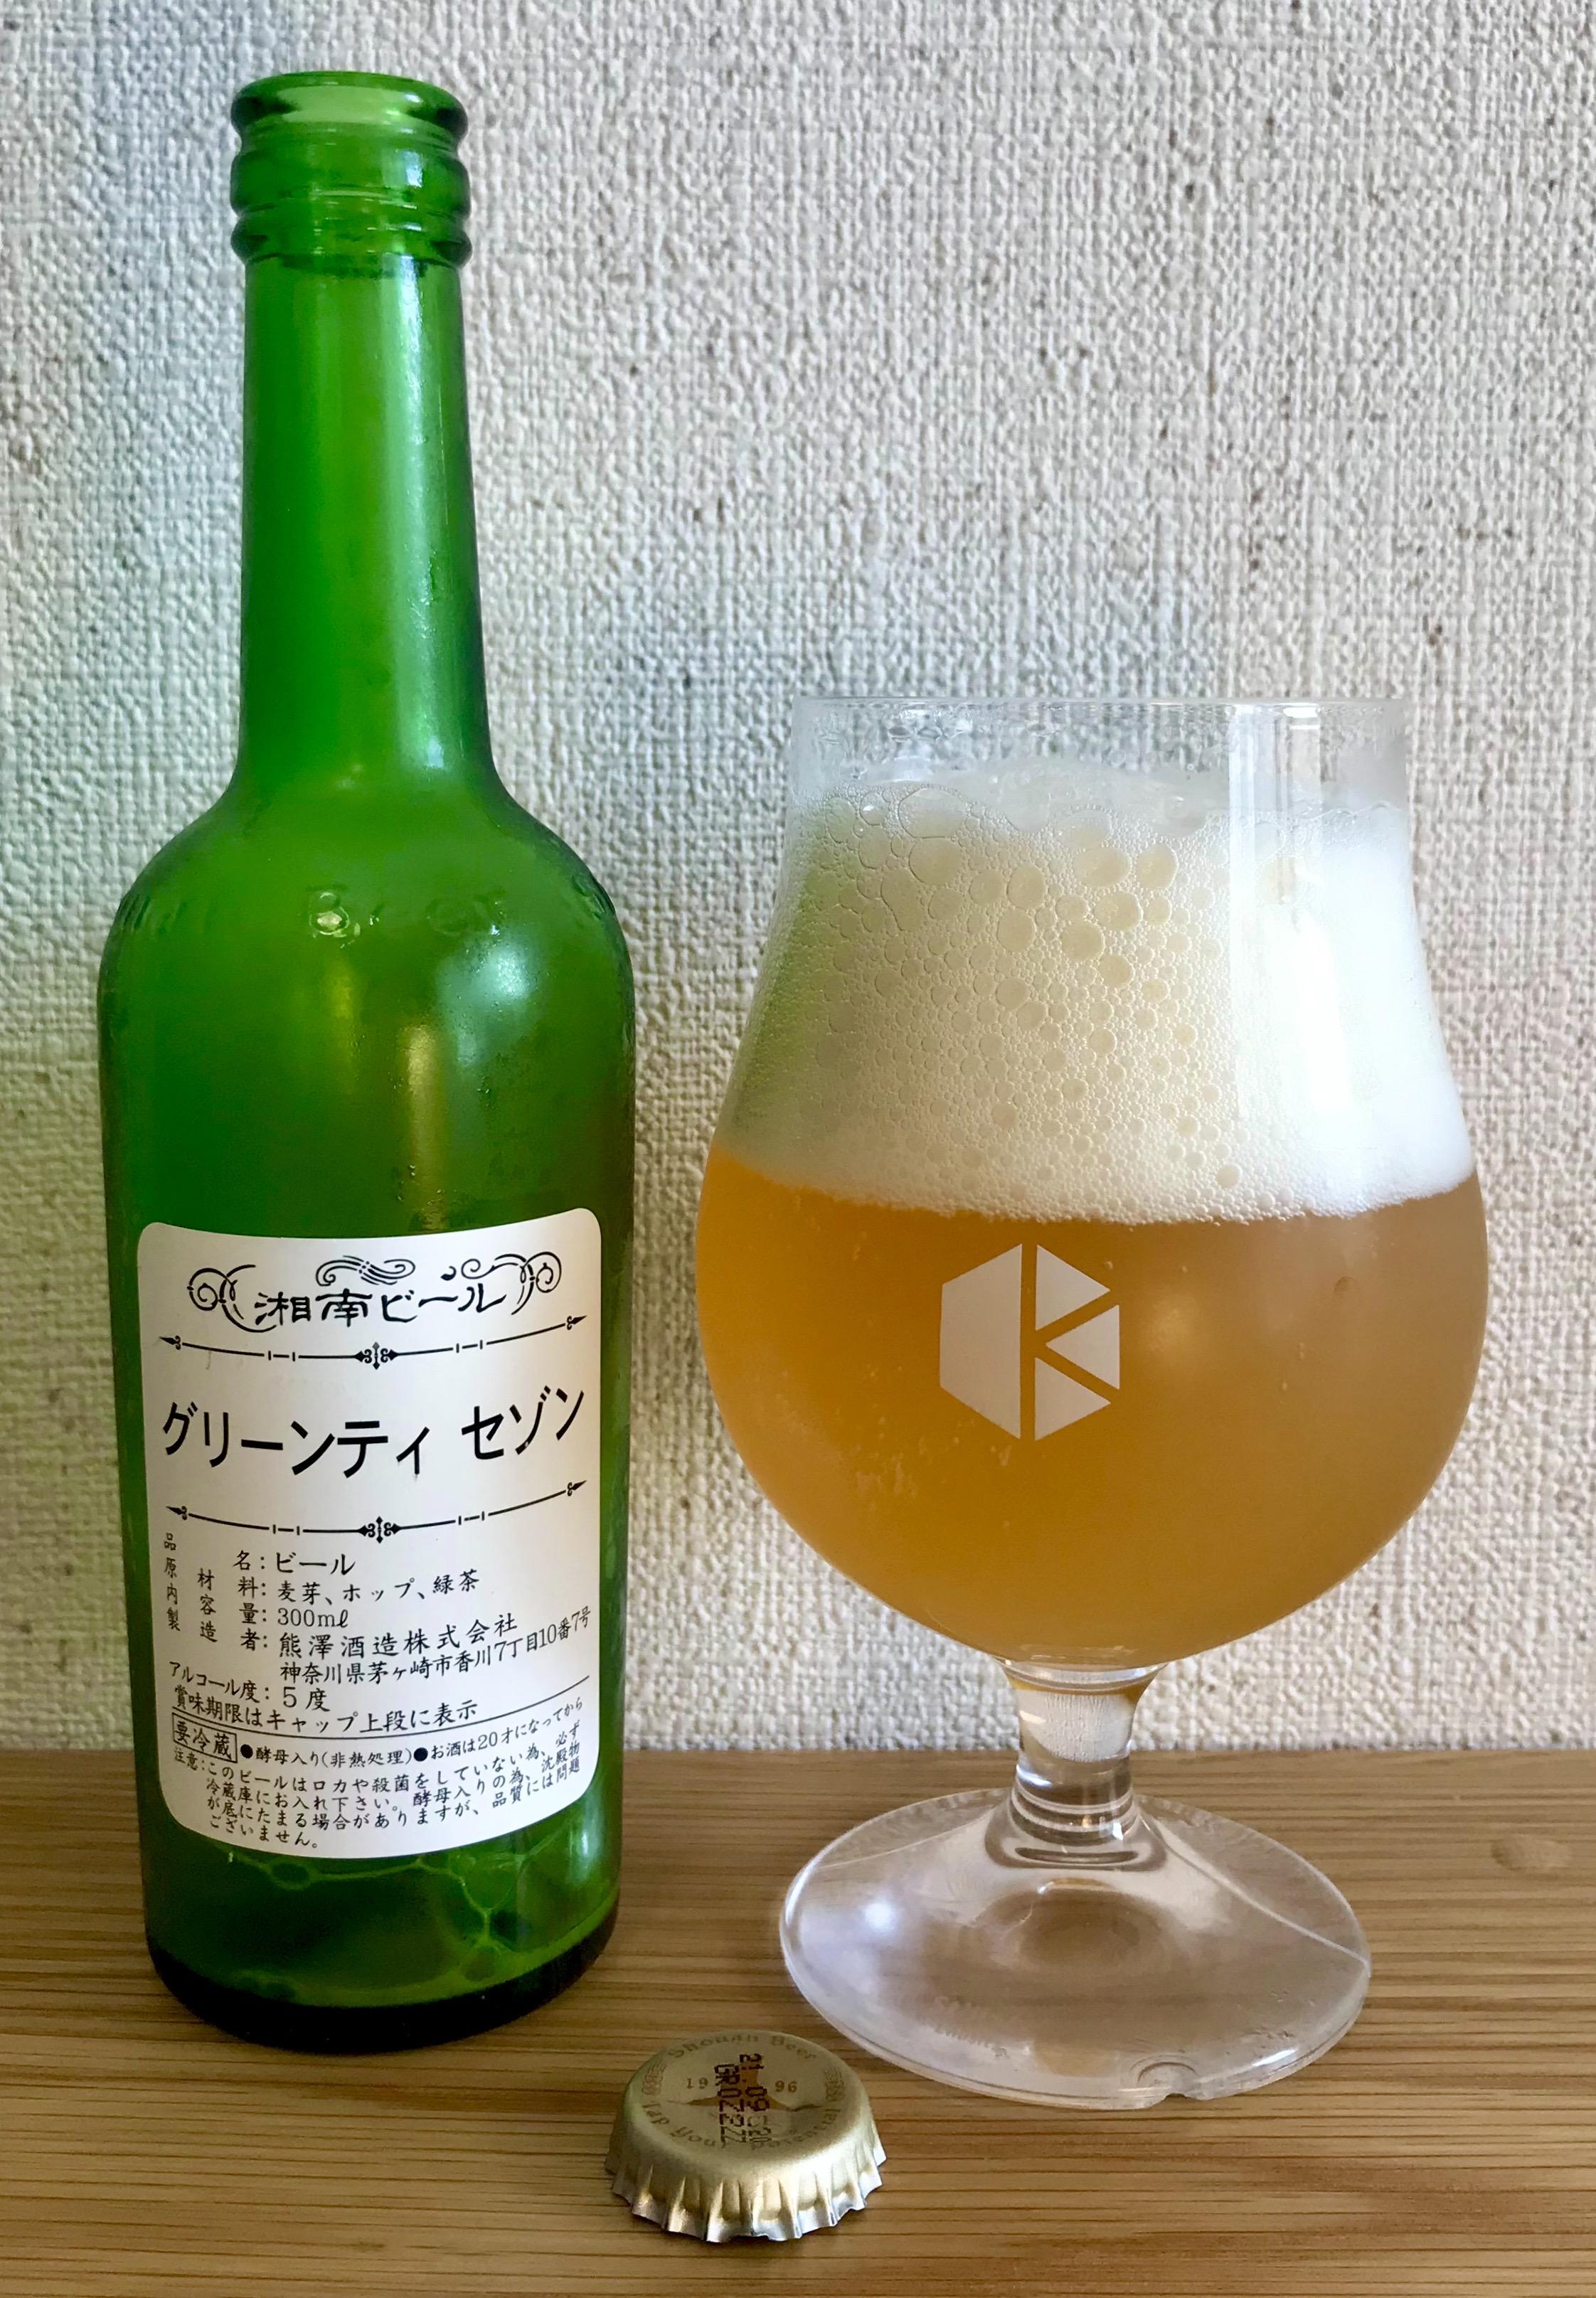 湘南ビール グリーンティ セゾン_熊澤酒造_神奈川_Image